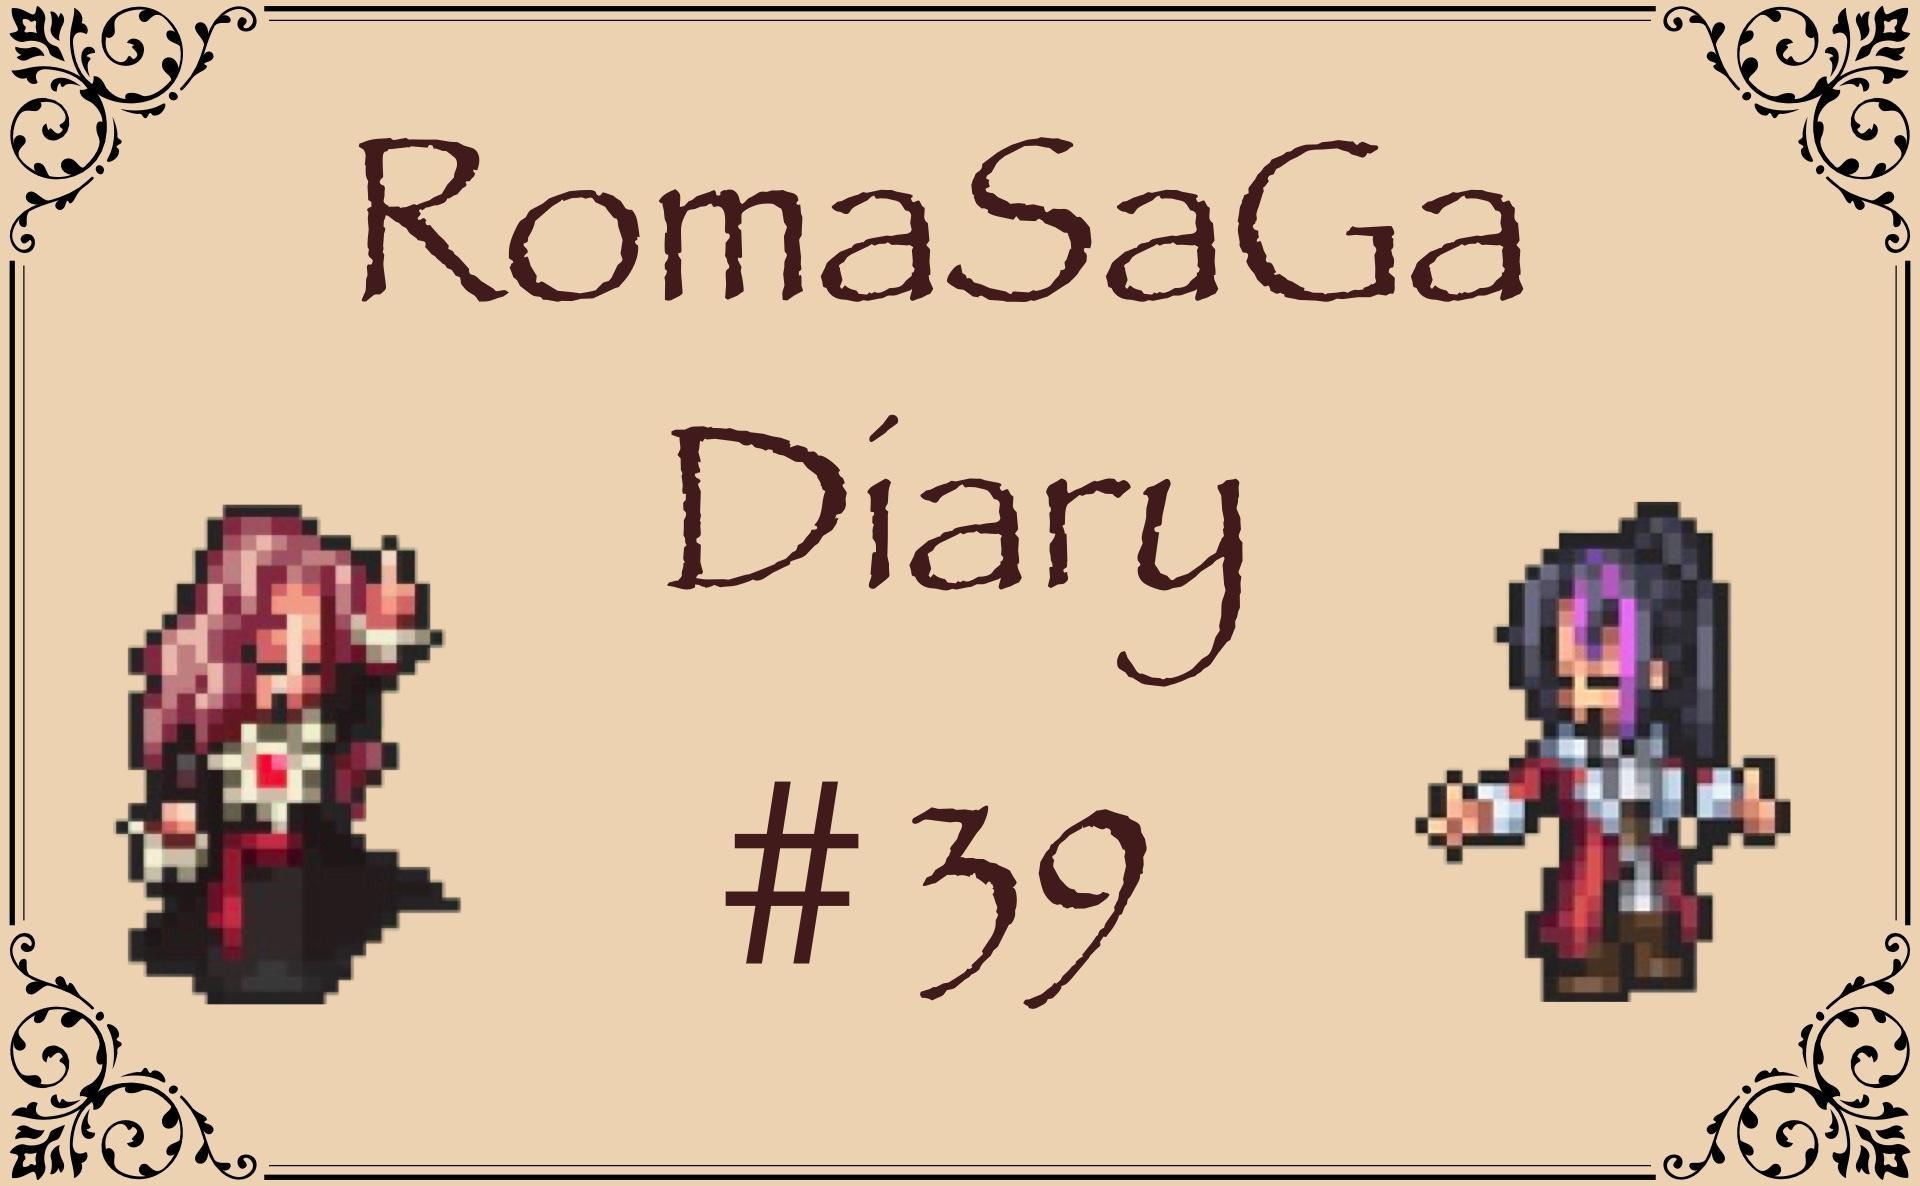 ロマサガDiary#39